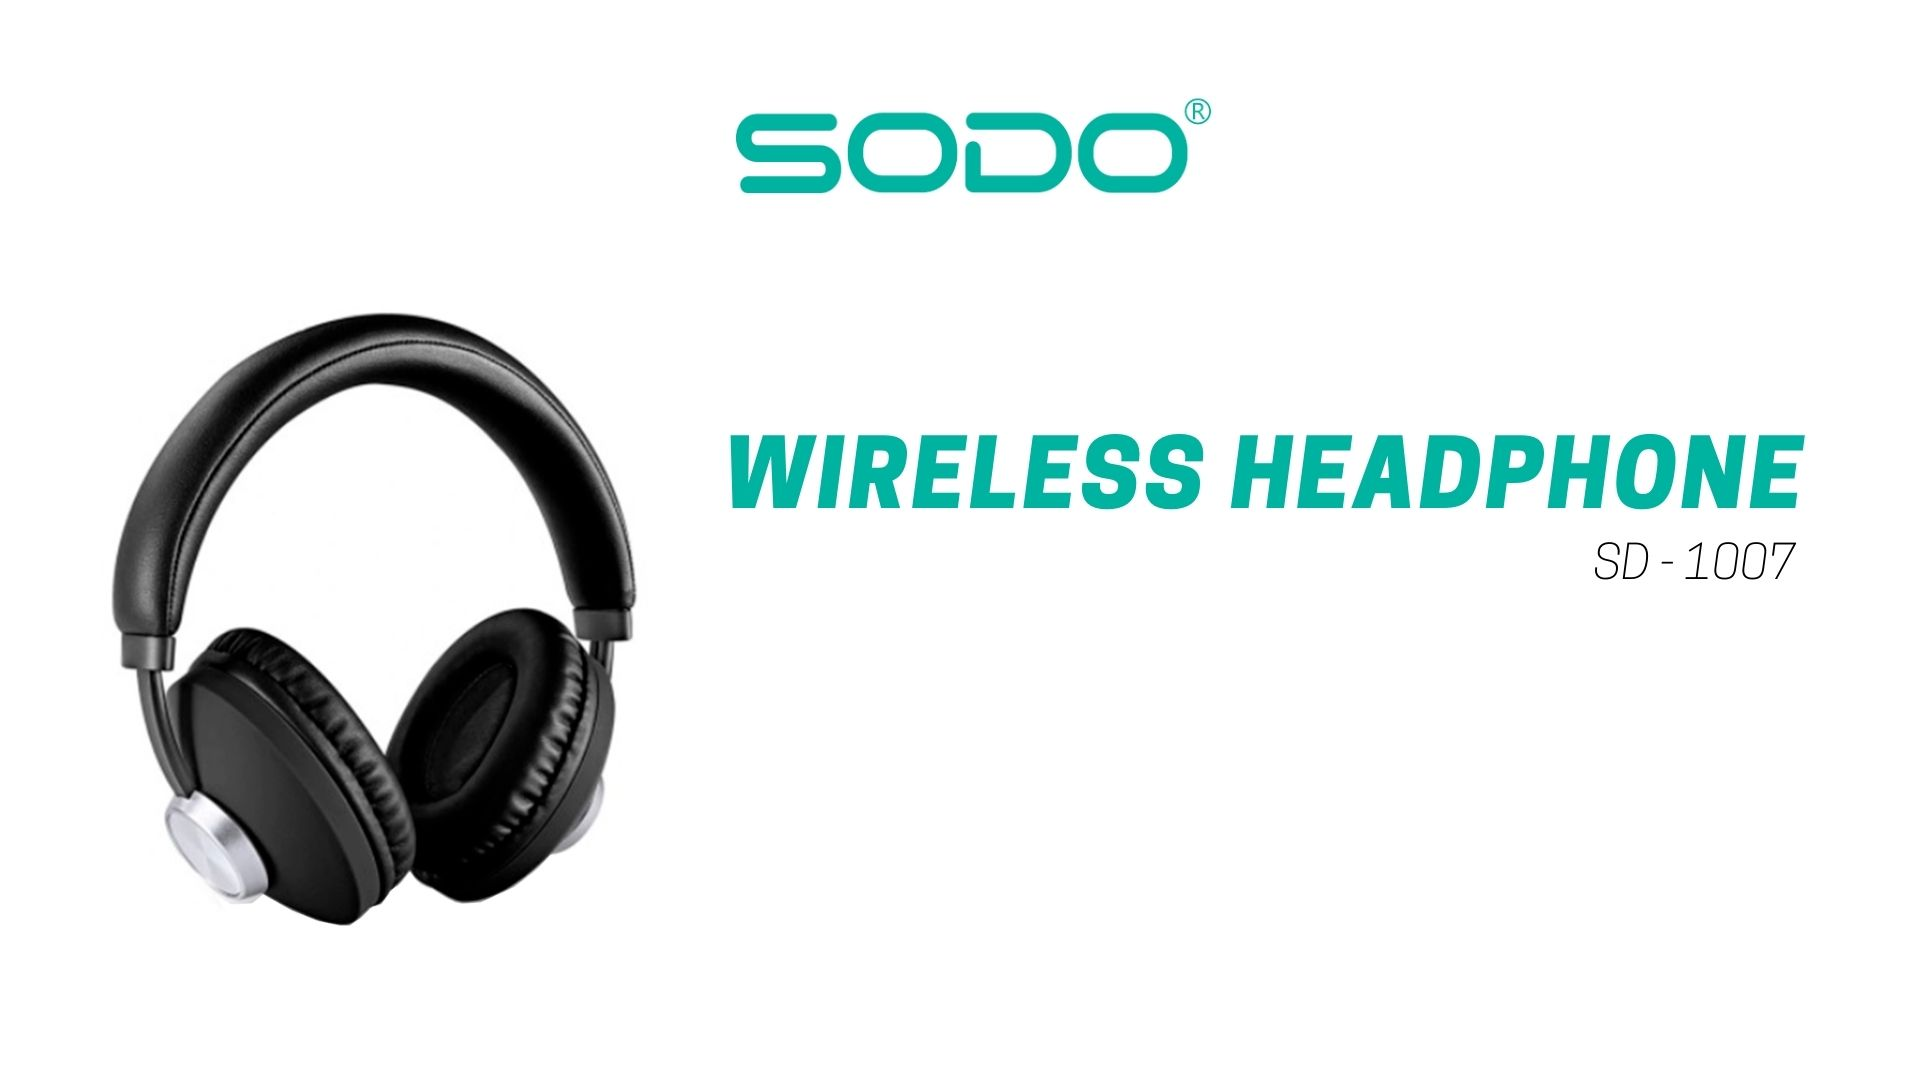 Fone De Ouvido Headset Bluetooth-5.0 1007-Sodo